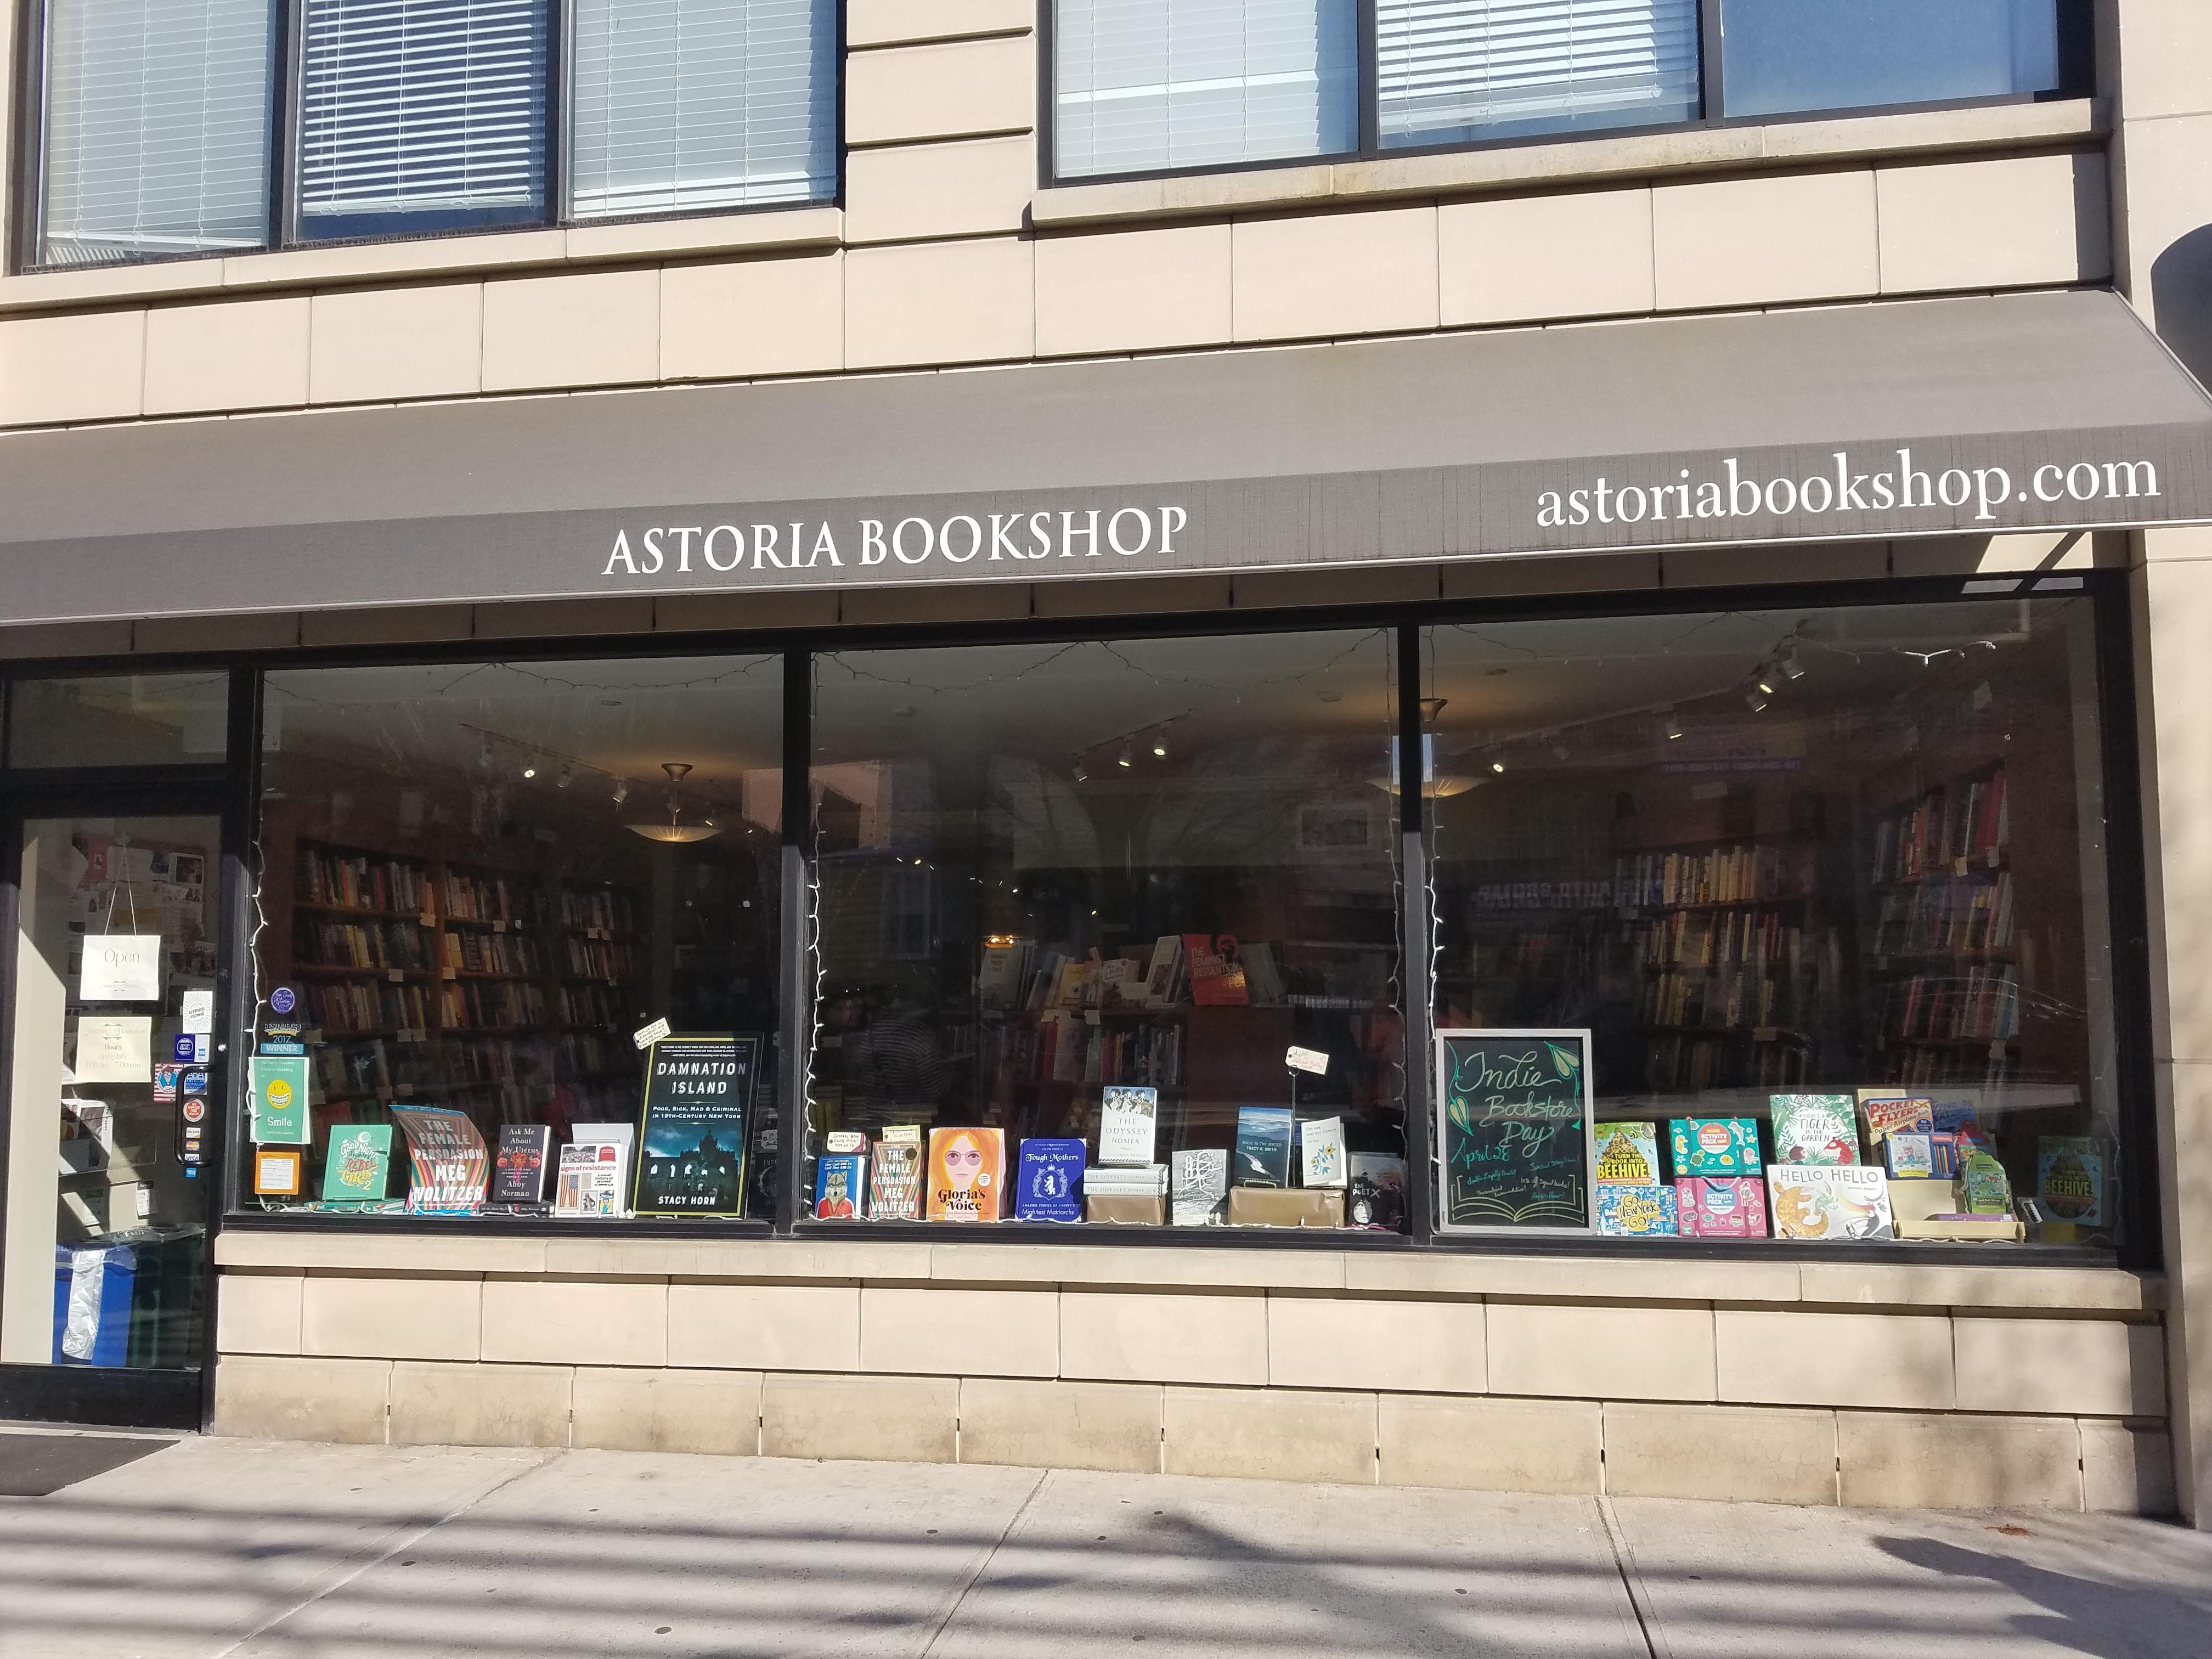 Astoriabookshoptheend